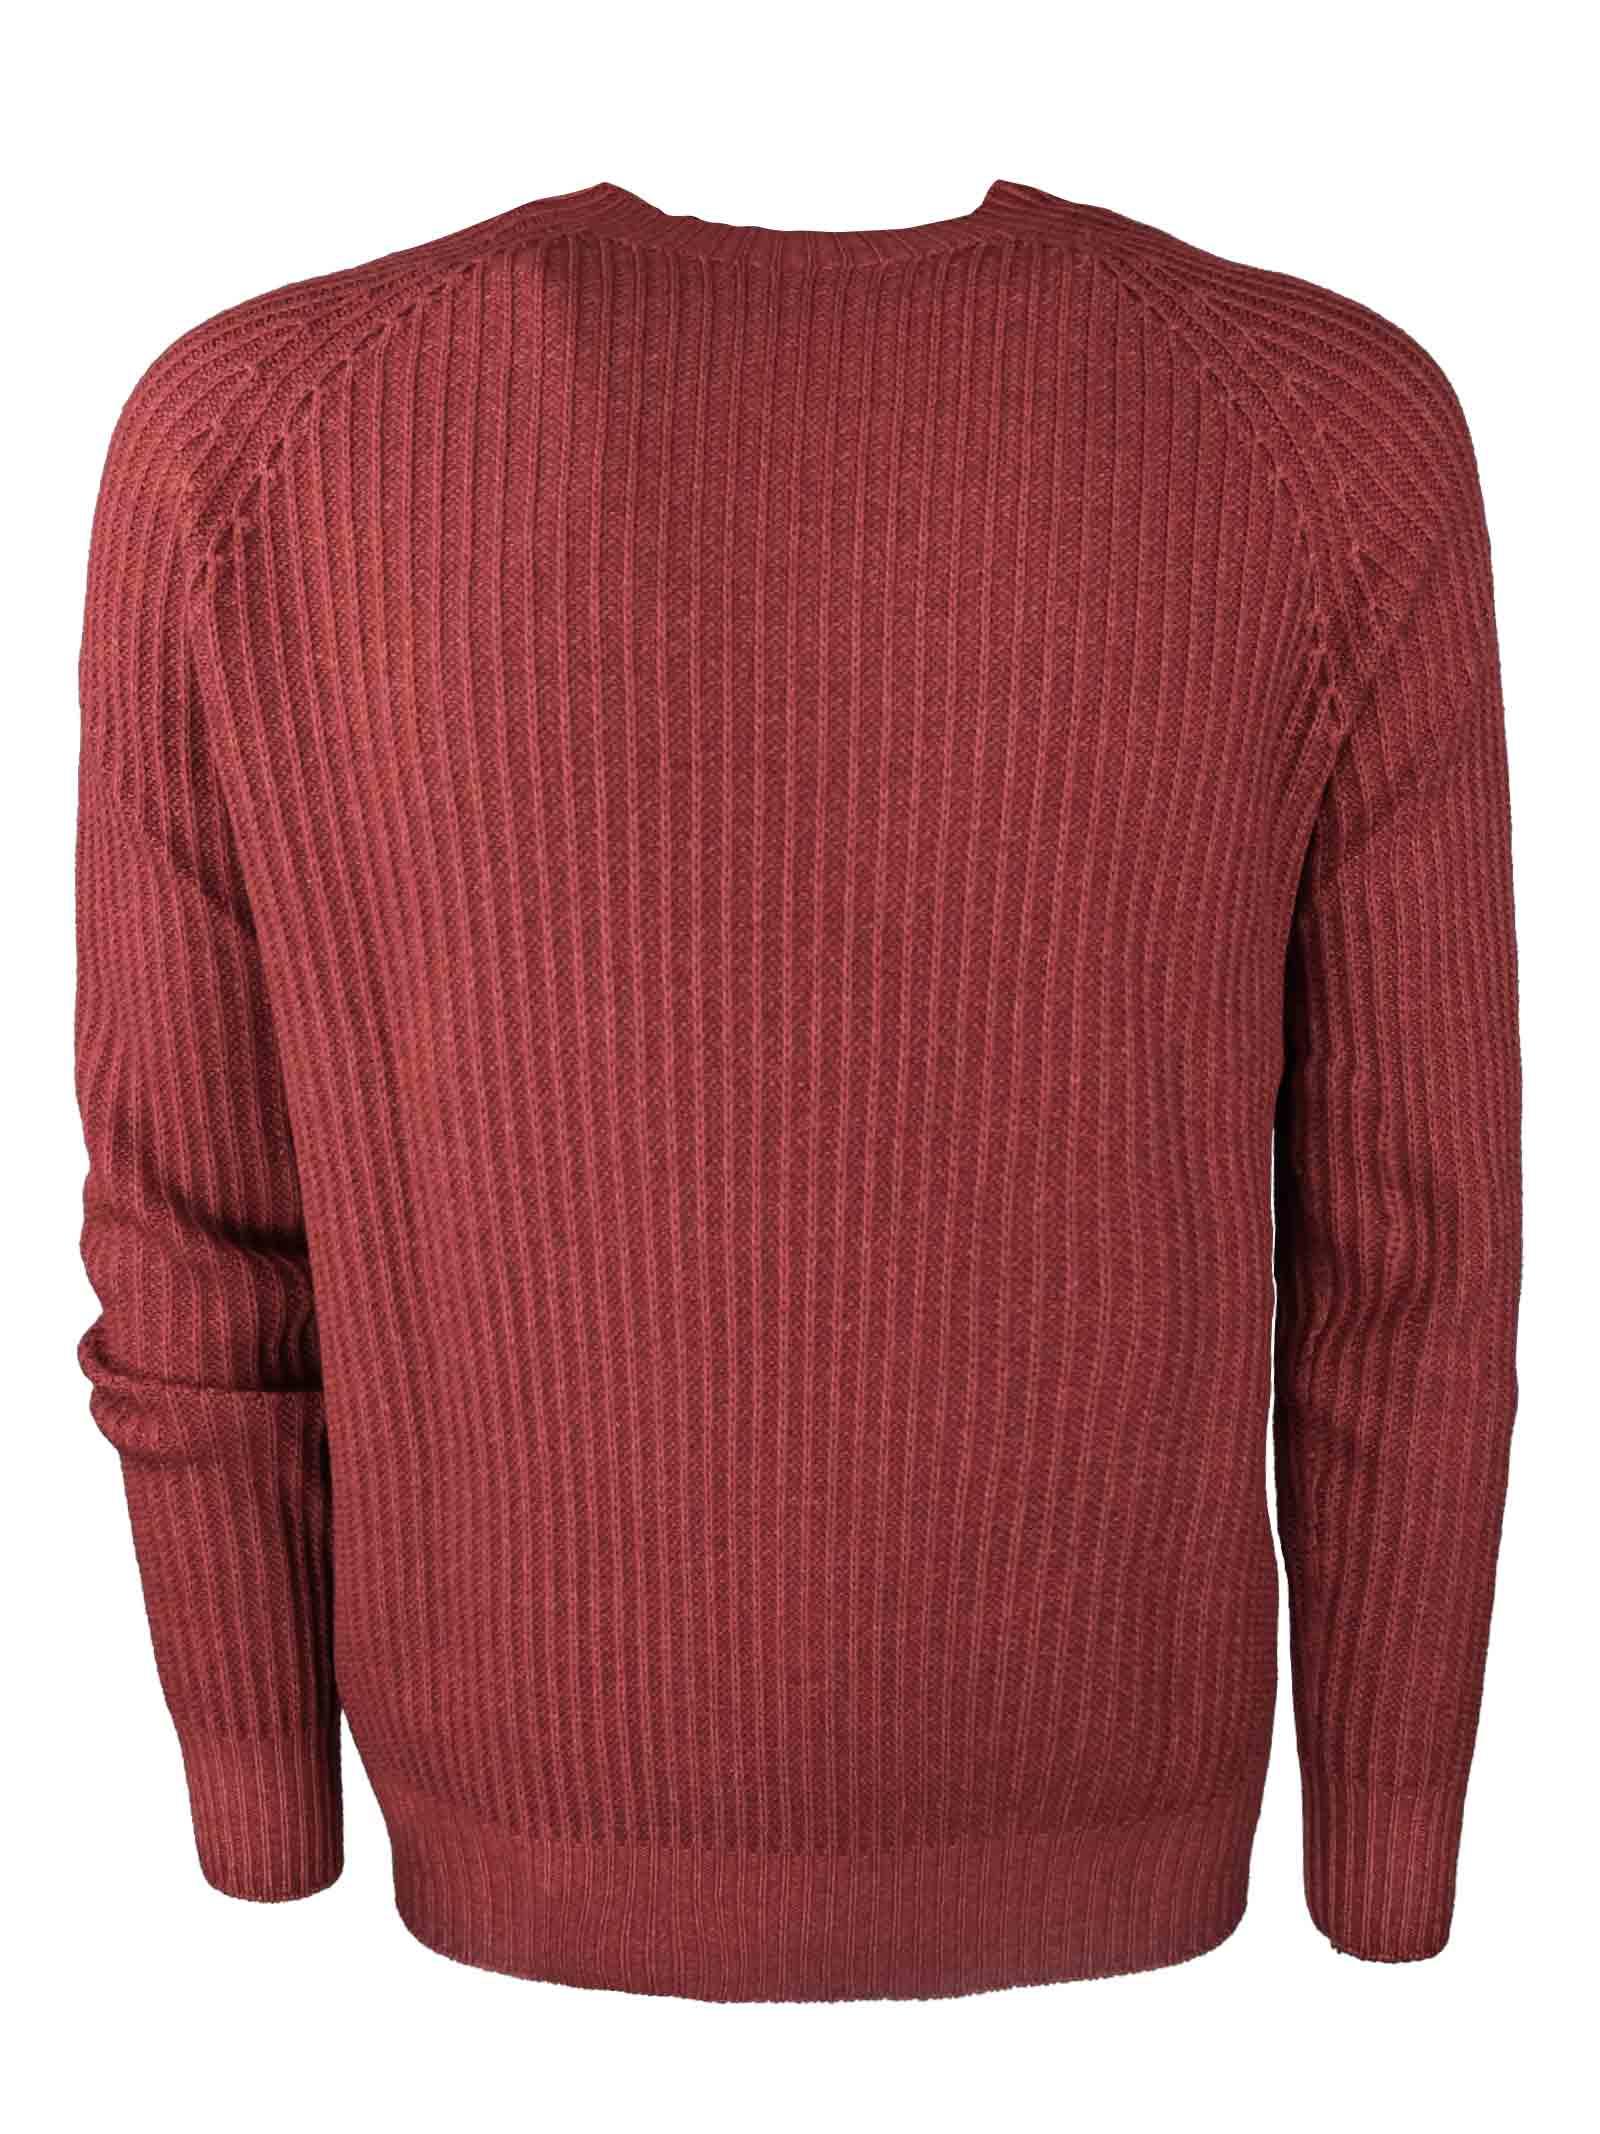 H953 | Knitwear | 294251